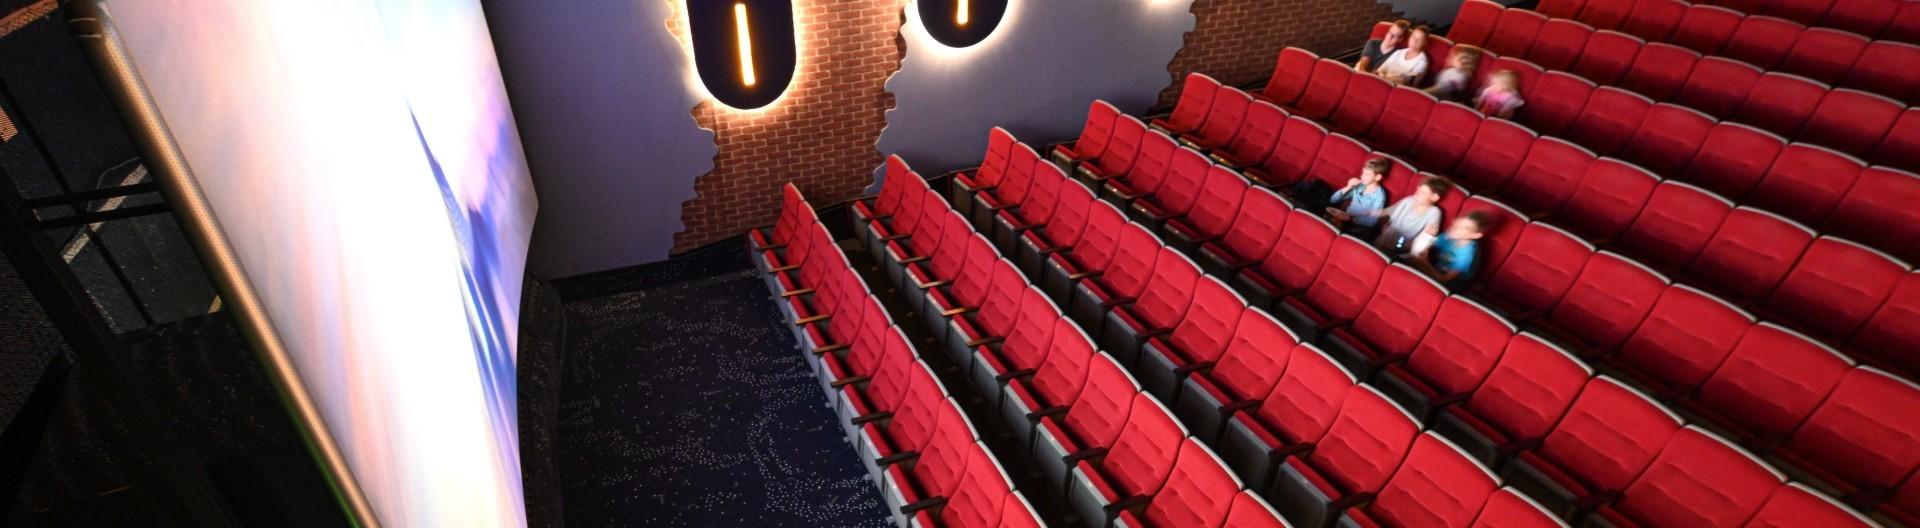 04.06.2020, Baden-Württemberg, Ravensburg: Nur wenige Besucher schauen sich nach den Lockerungen einen Film im Kinozentrum Burgtheater an.